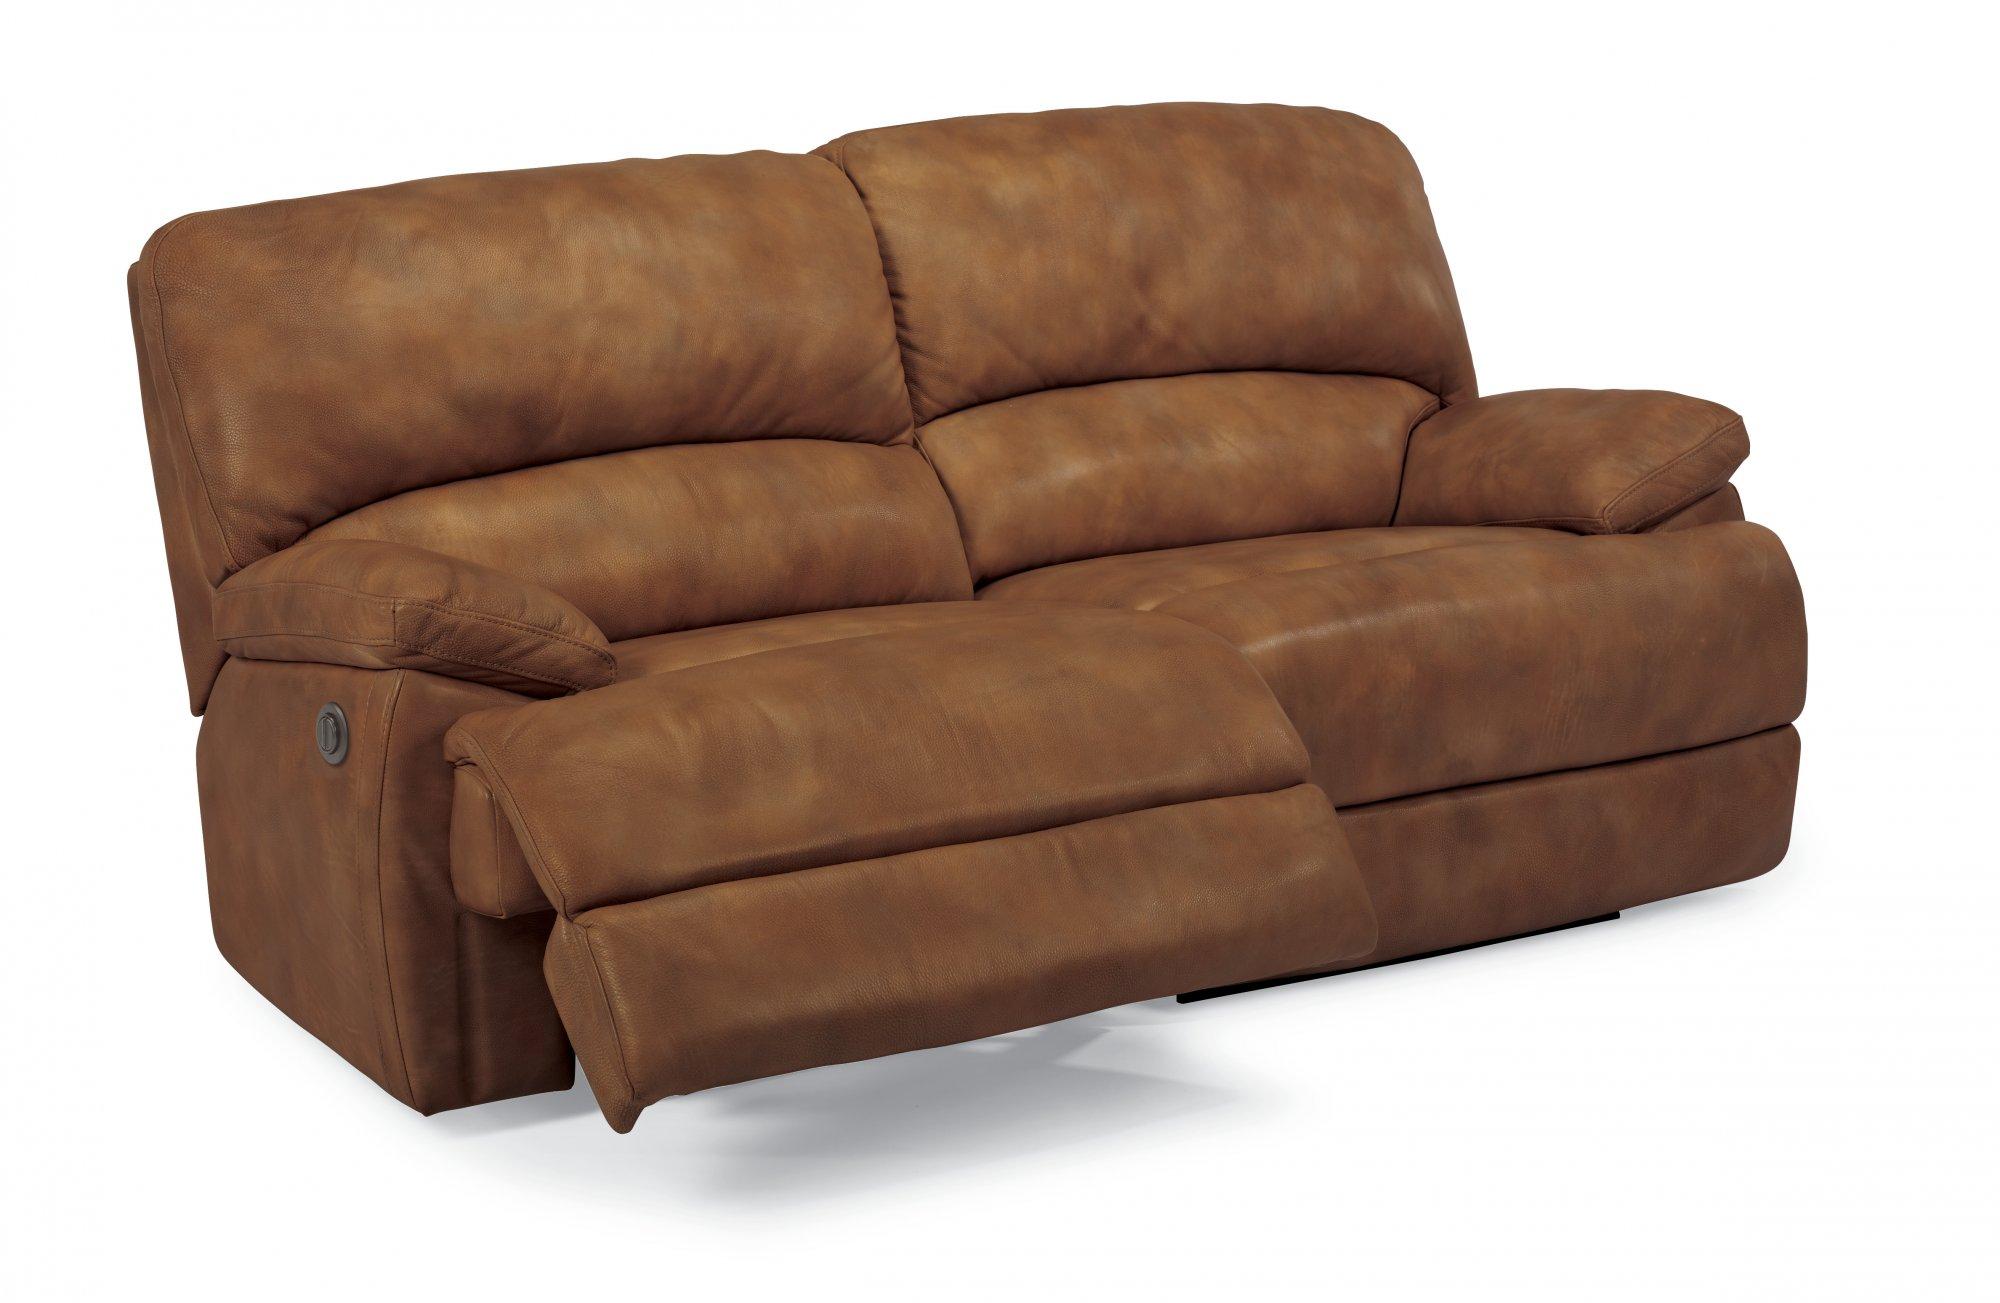 Flexsteel Sofas Leather 100